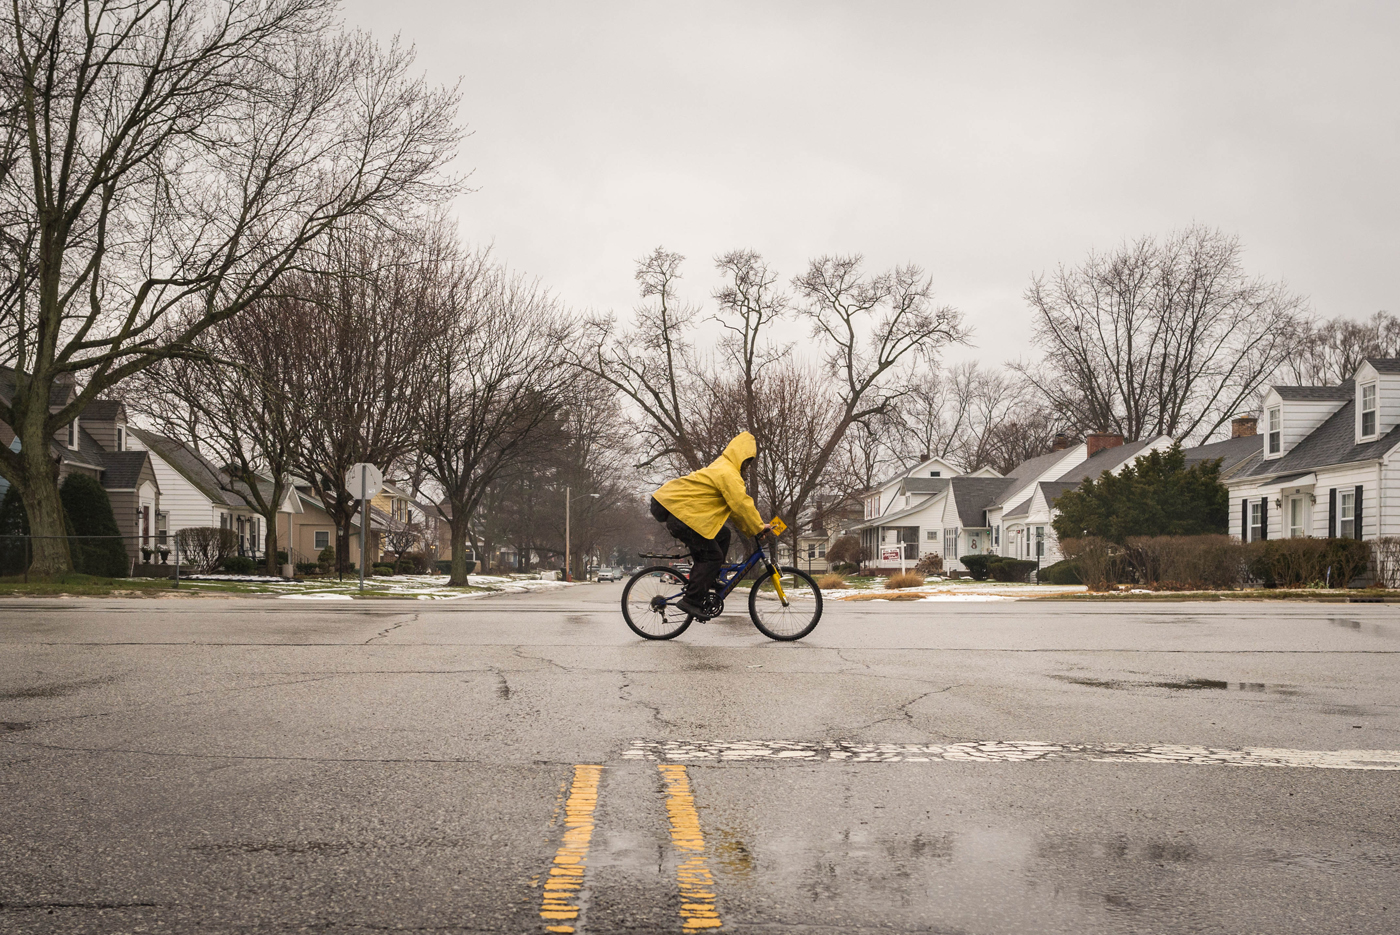 'Yellow' by Jennifer Brake